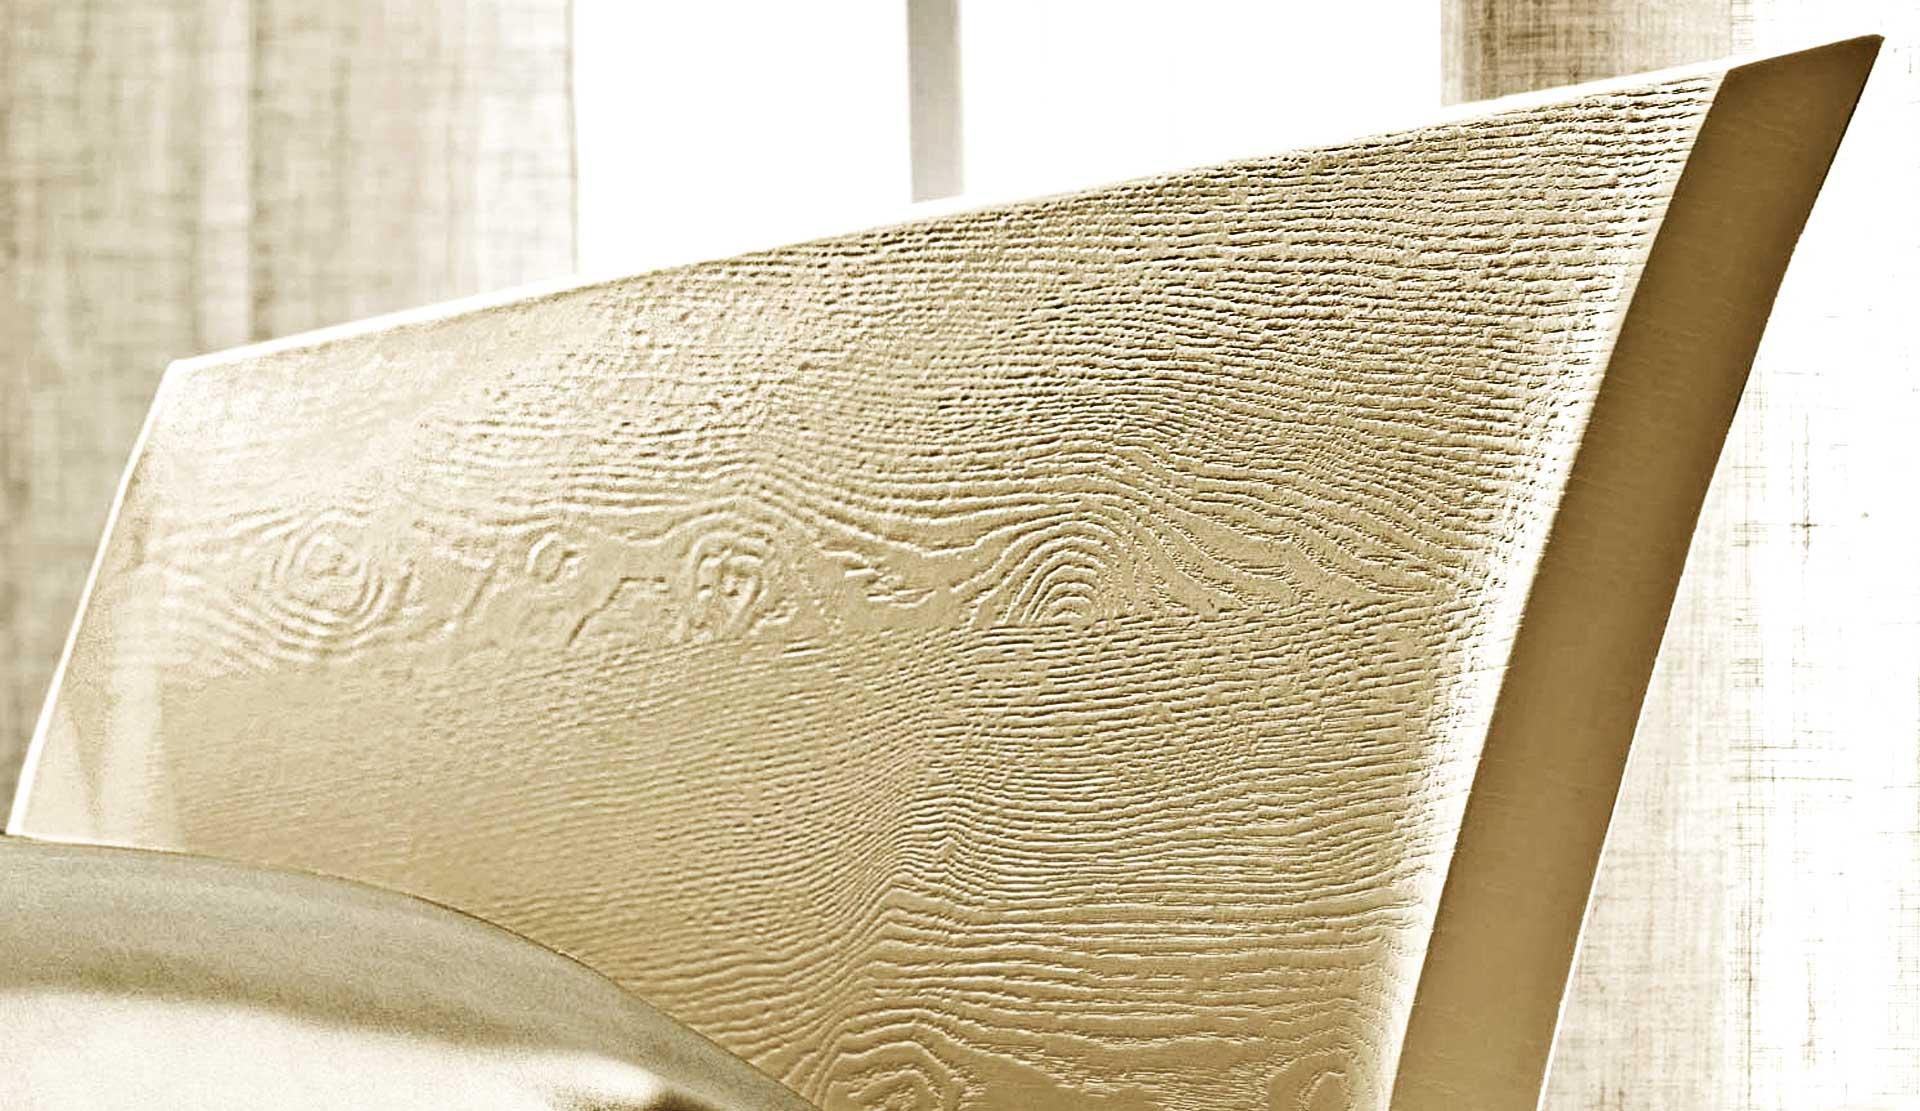 Artigiano Della Sedia Bologna laccatura sedie e mobili a bologna - gli artigiani della sedia